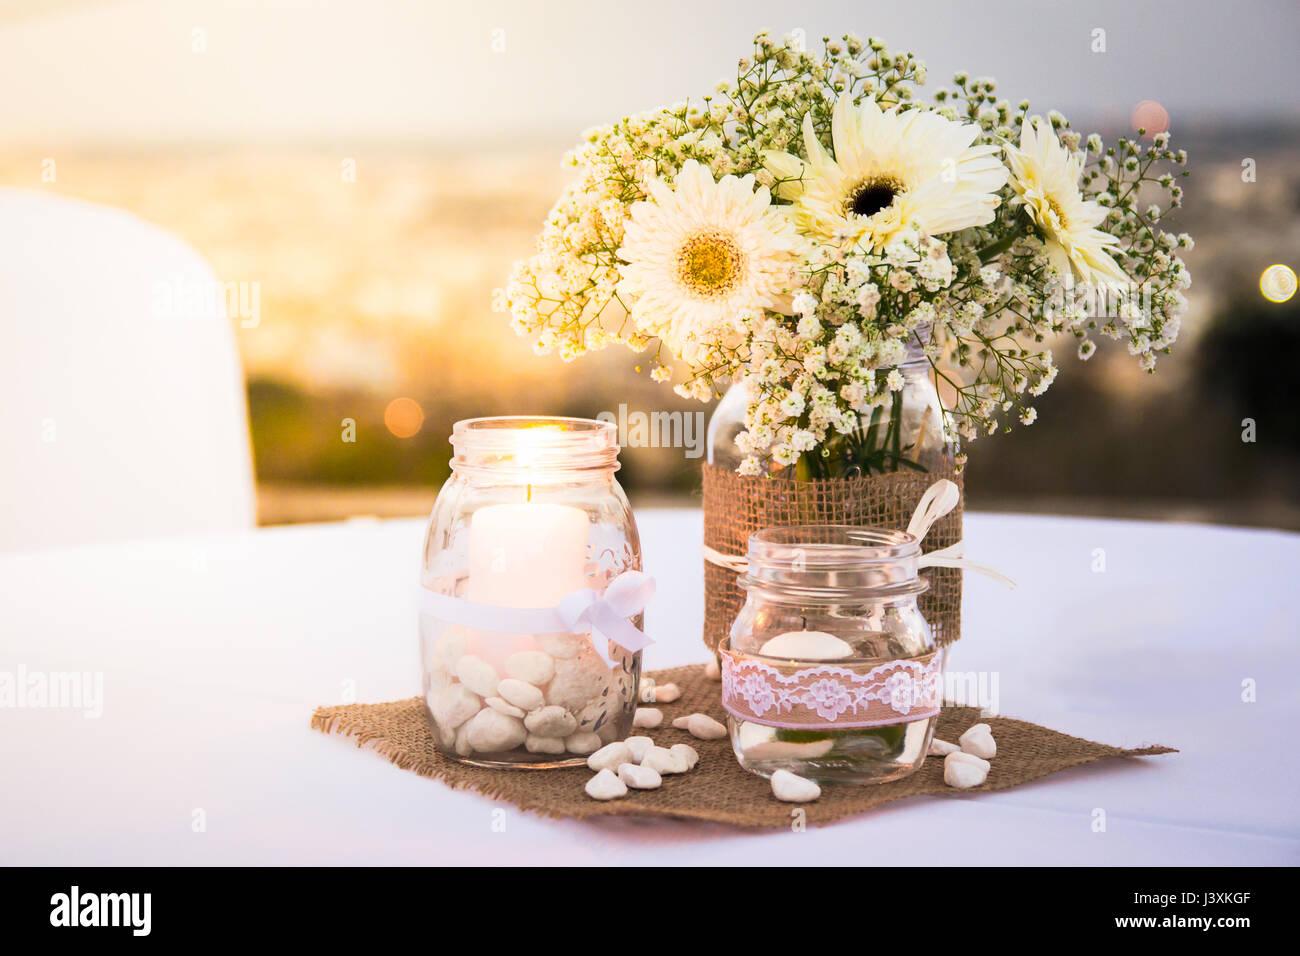 Ganz Weisse Hochzeit Tischdekoration Mit Blumen Kerzen Kieselsteine